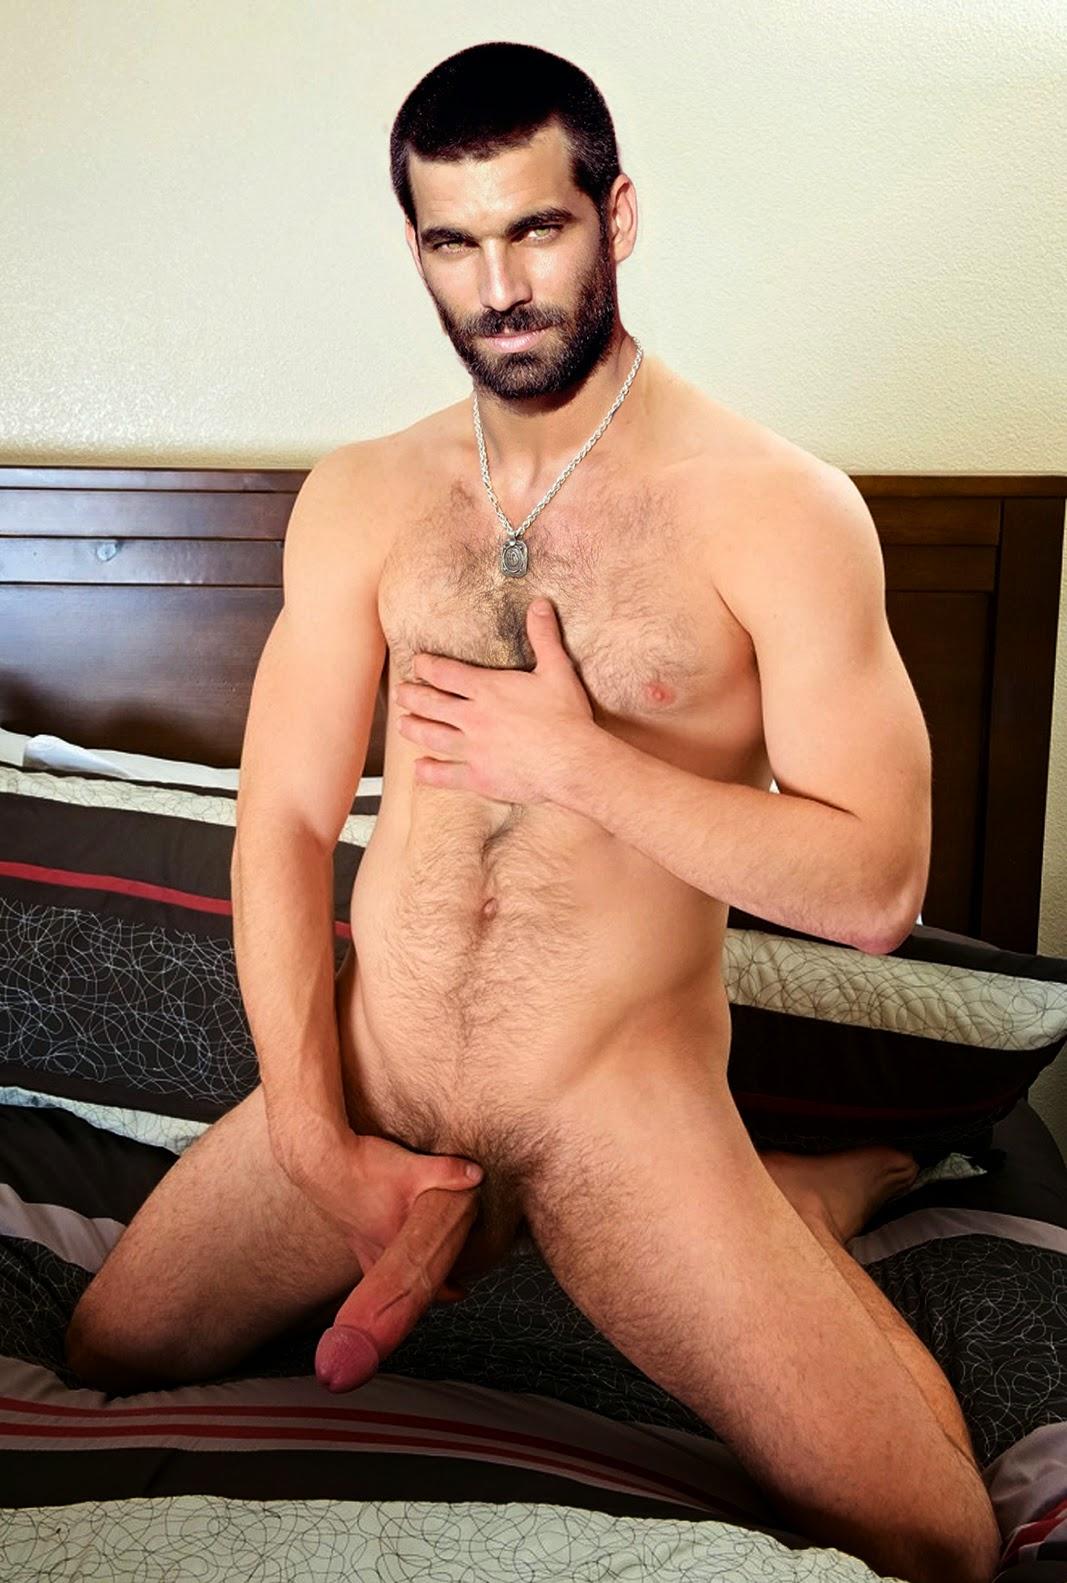 Aaron lautner y alejandro chus follada gay en el semad - 1 part 10